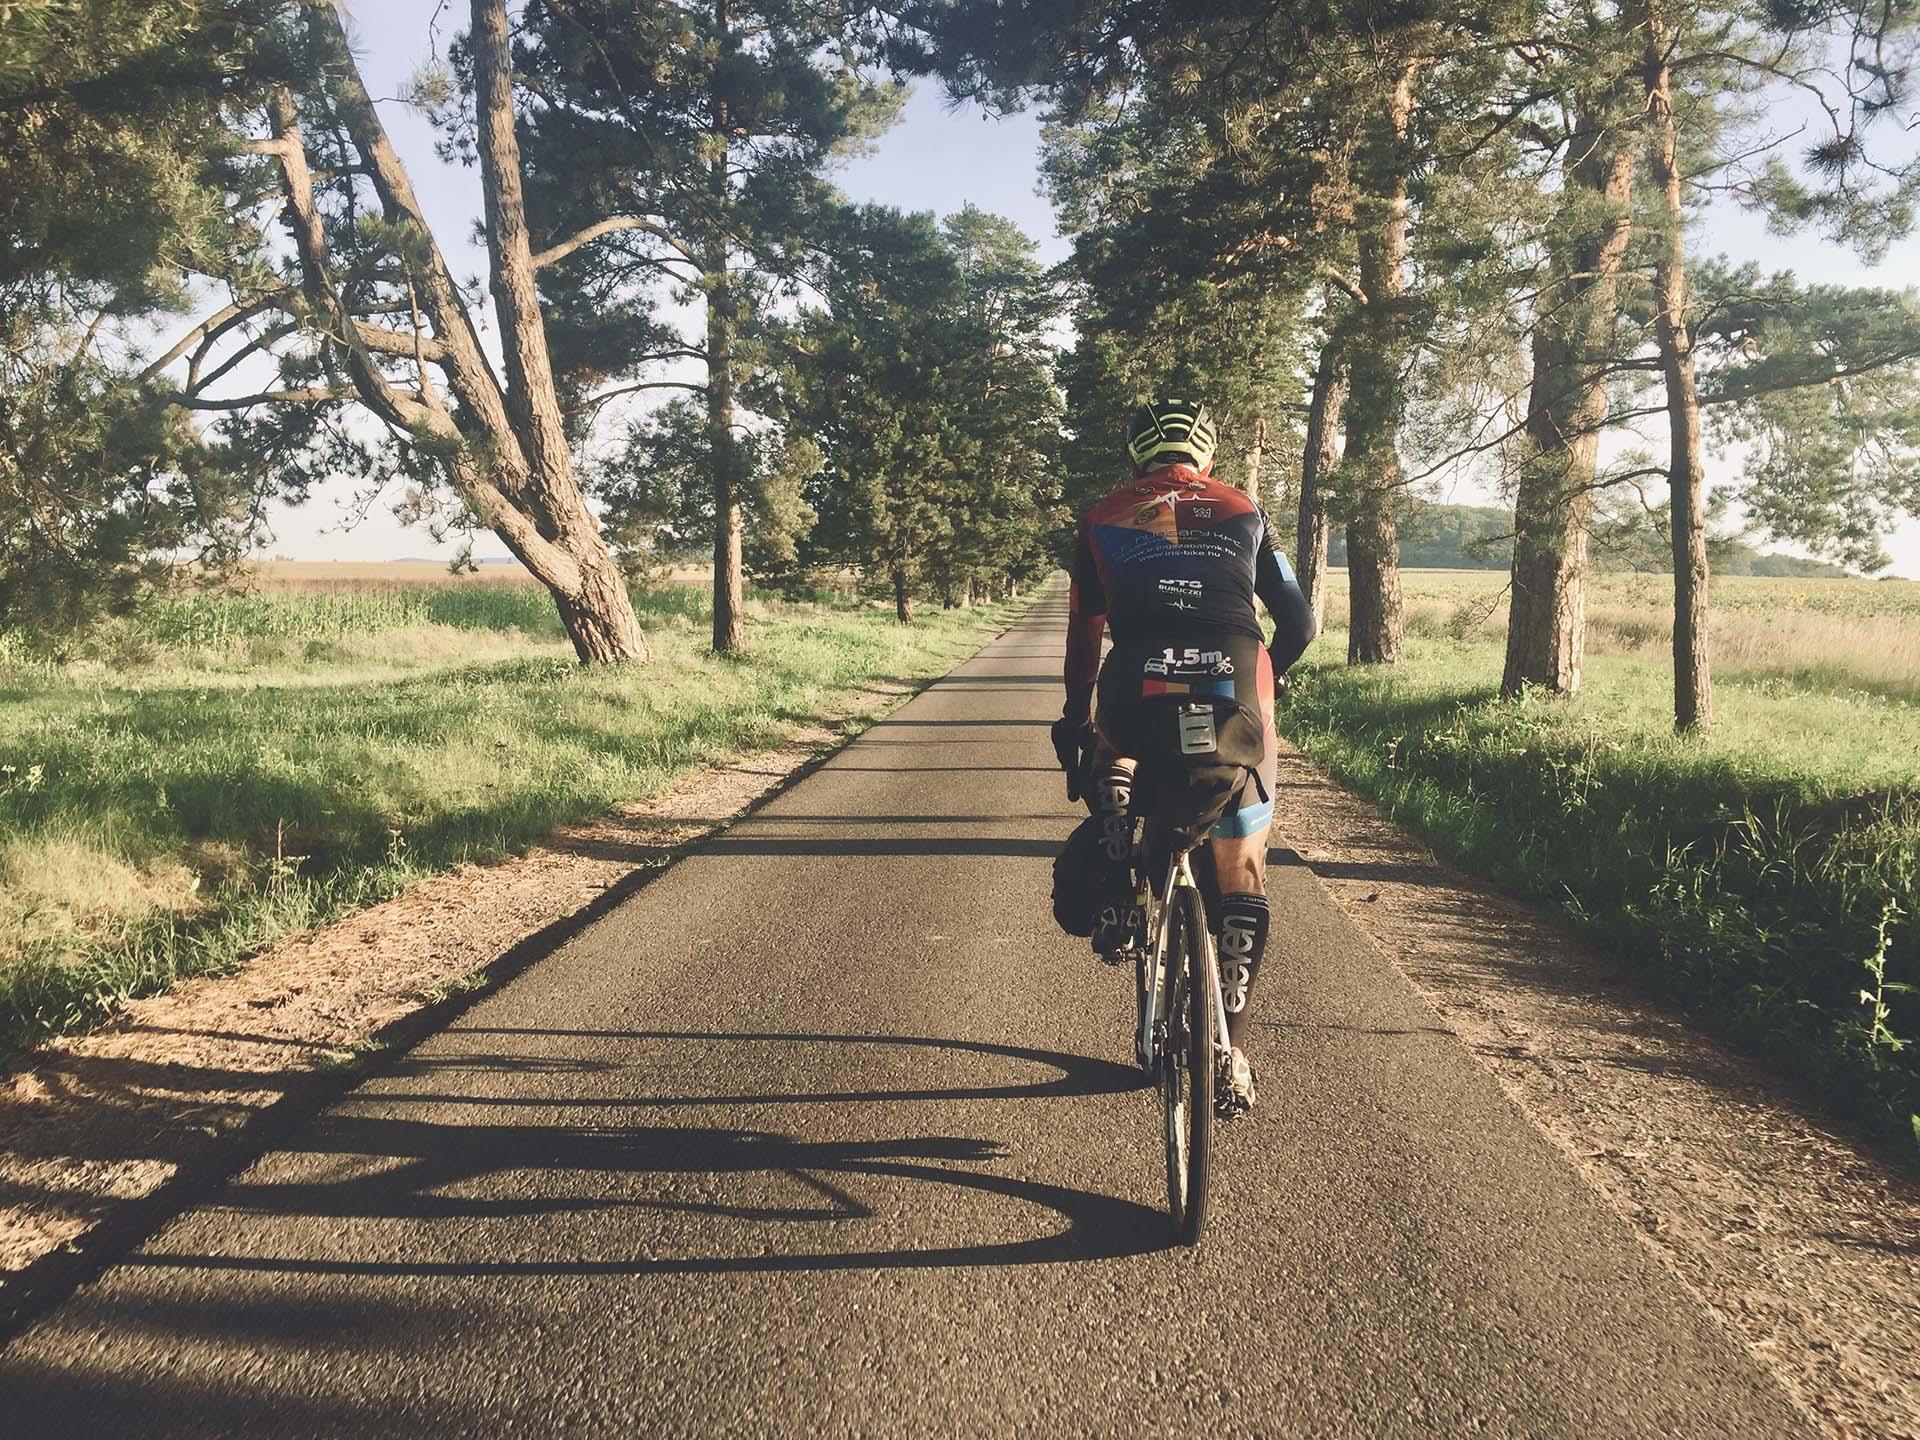 Európa egyik legkeményebb offroad kerékpártúrája van kialakulóban hazánkban - A Hungarian Divide-1